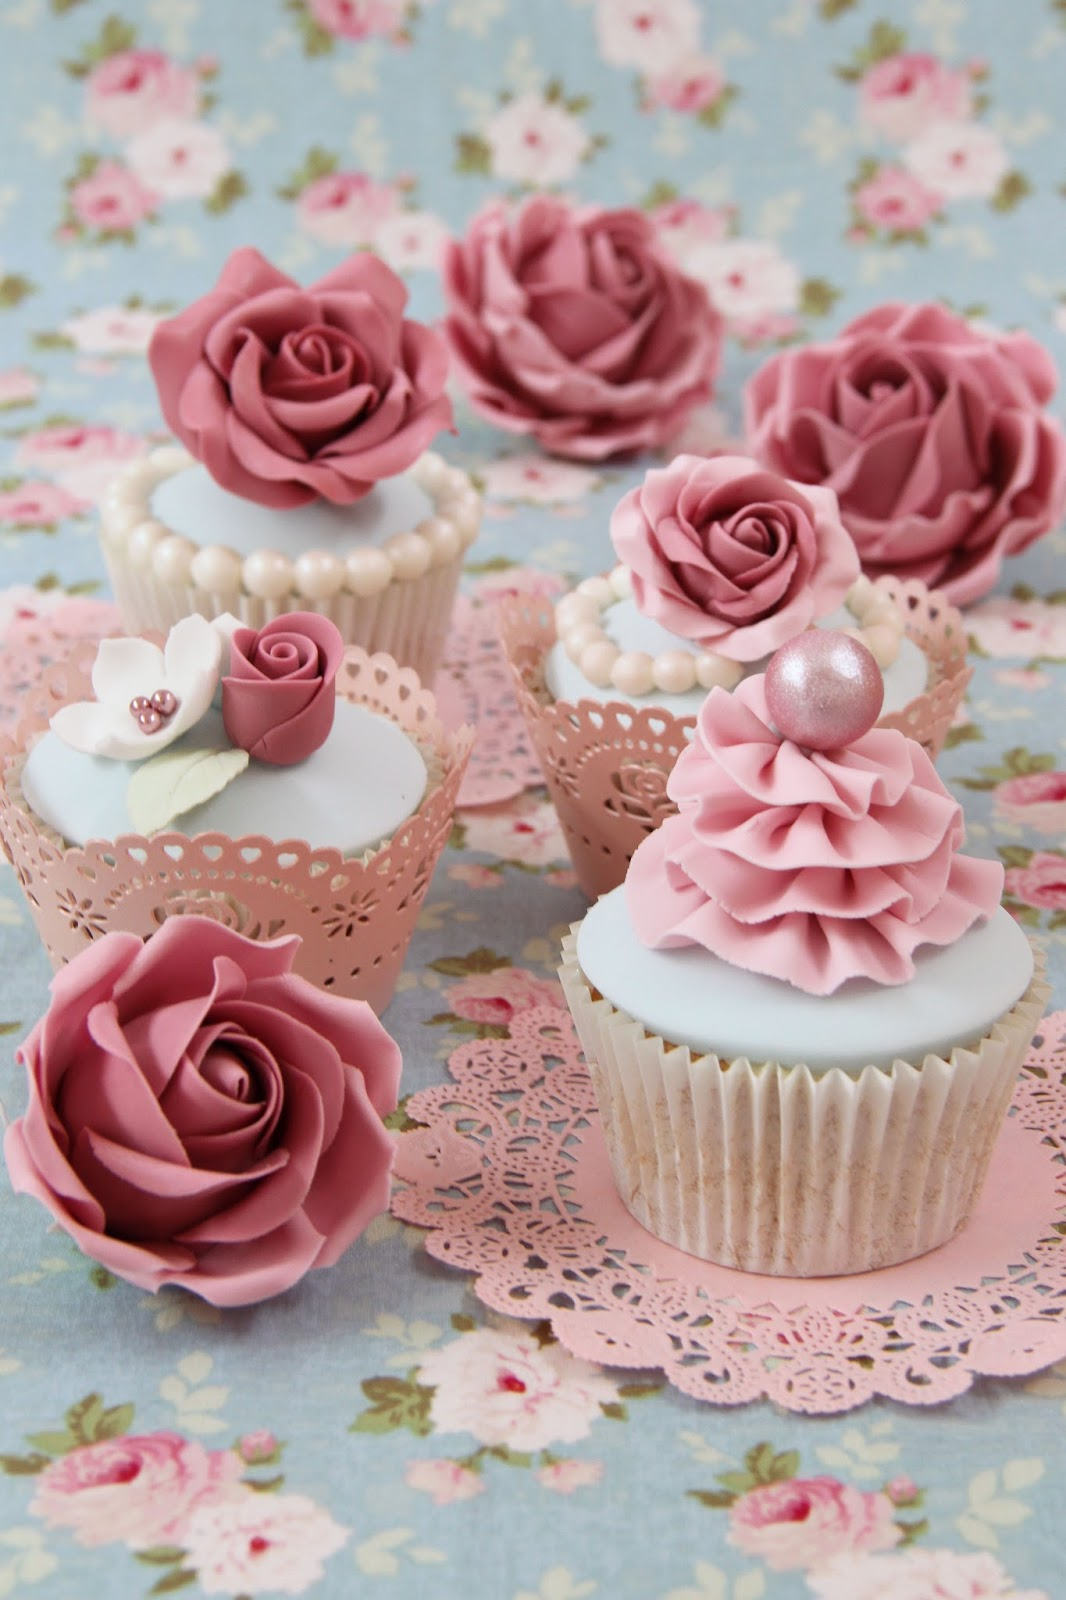 carpe diem haiku kai carpe diem 909 sweetness credits sweetness